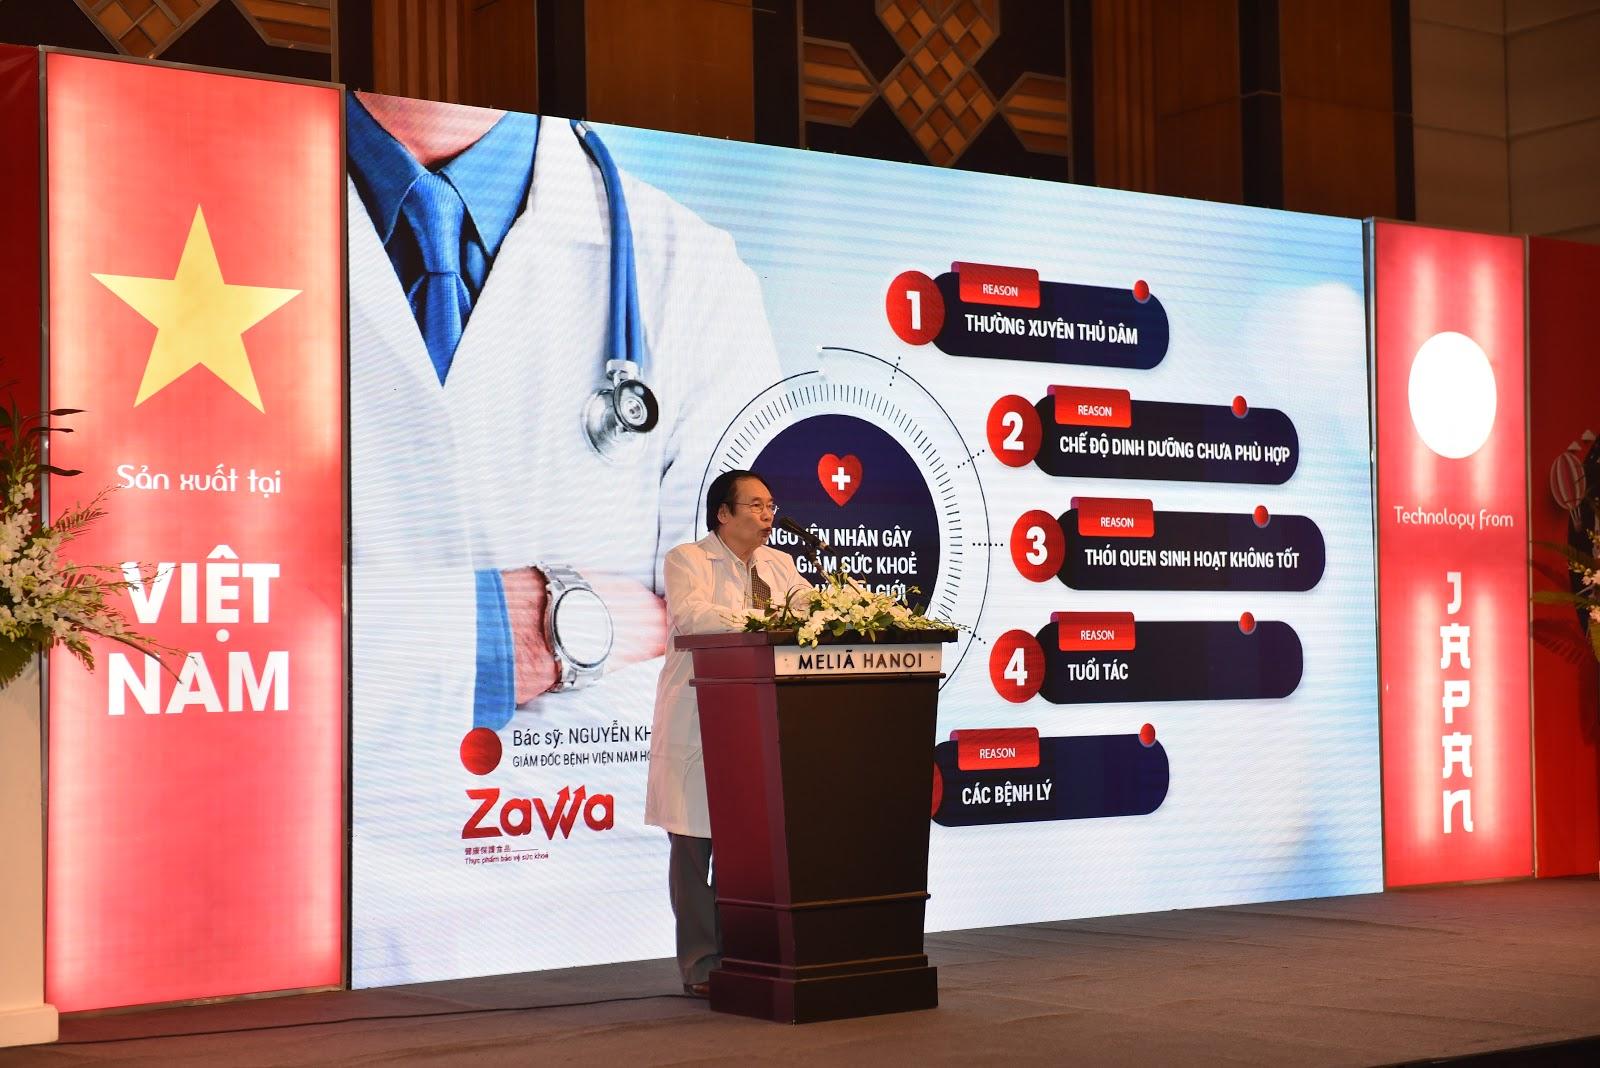 Thị trường thực phẩm sinh lý cho quý ông tại Việt Nam: Zawa đang chiếm ưu thế